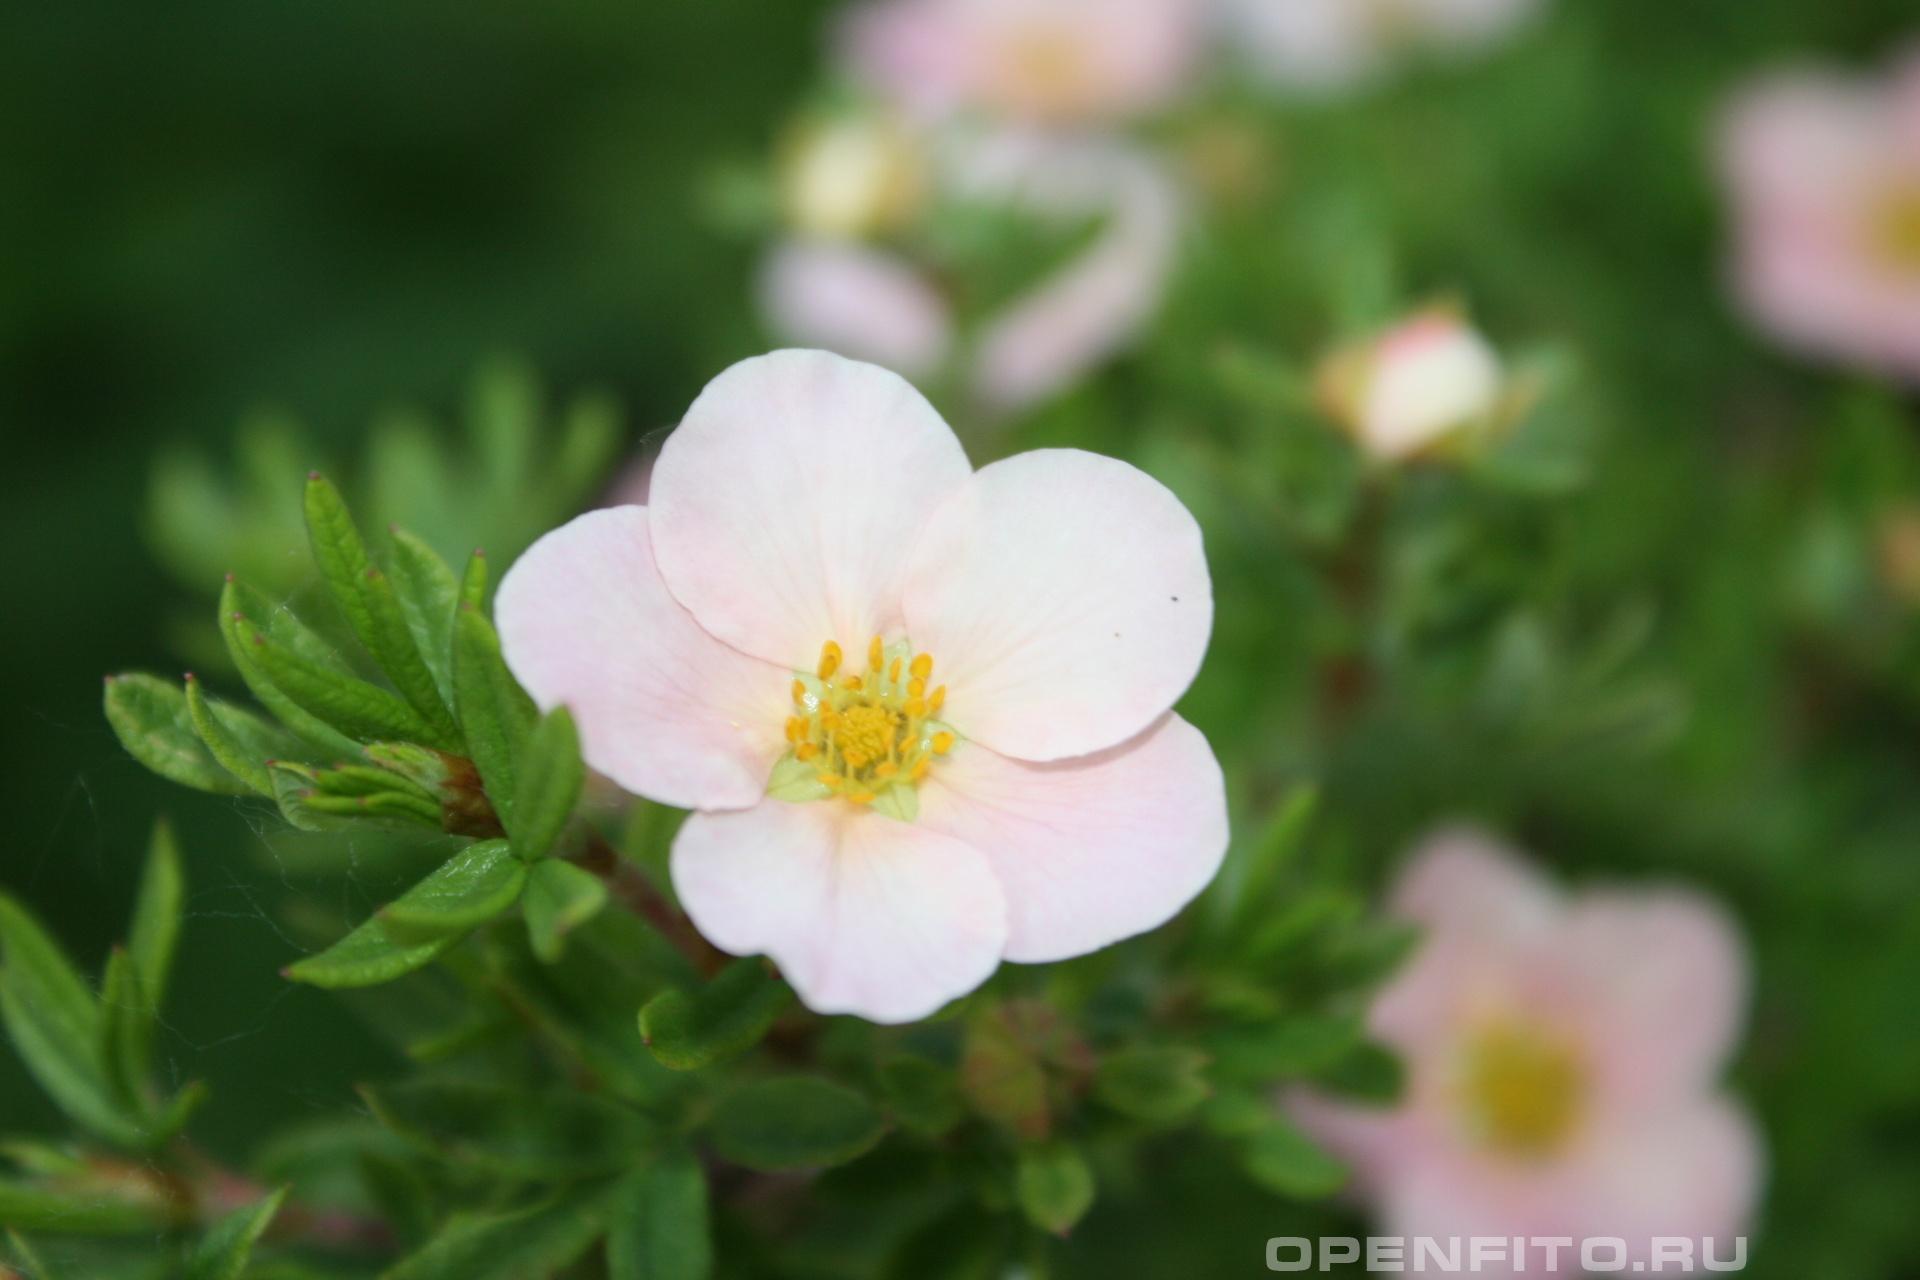 Лапчатка кустарниковая Розовый курильский чай